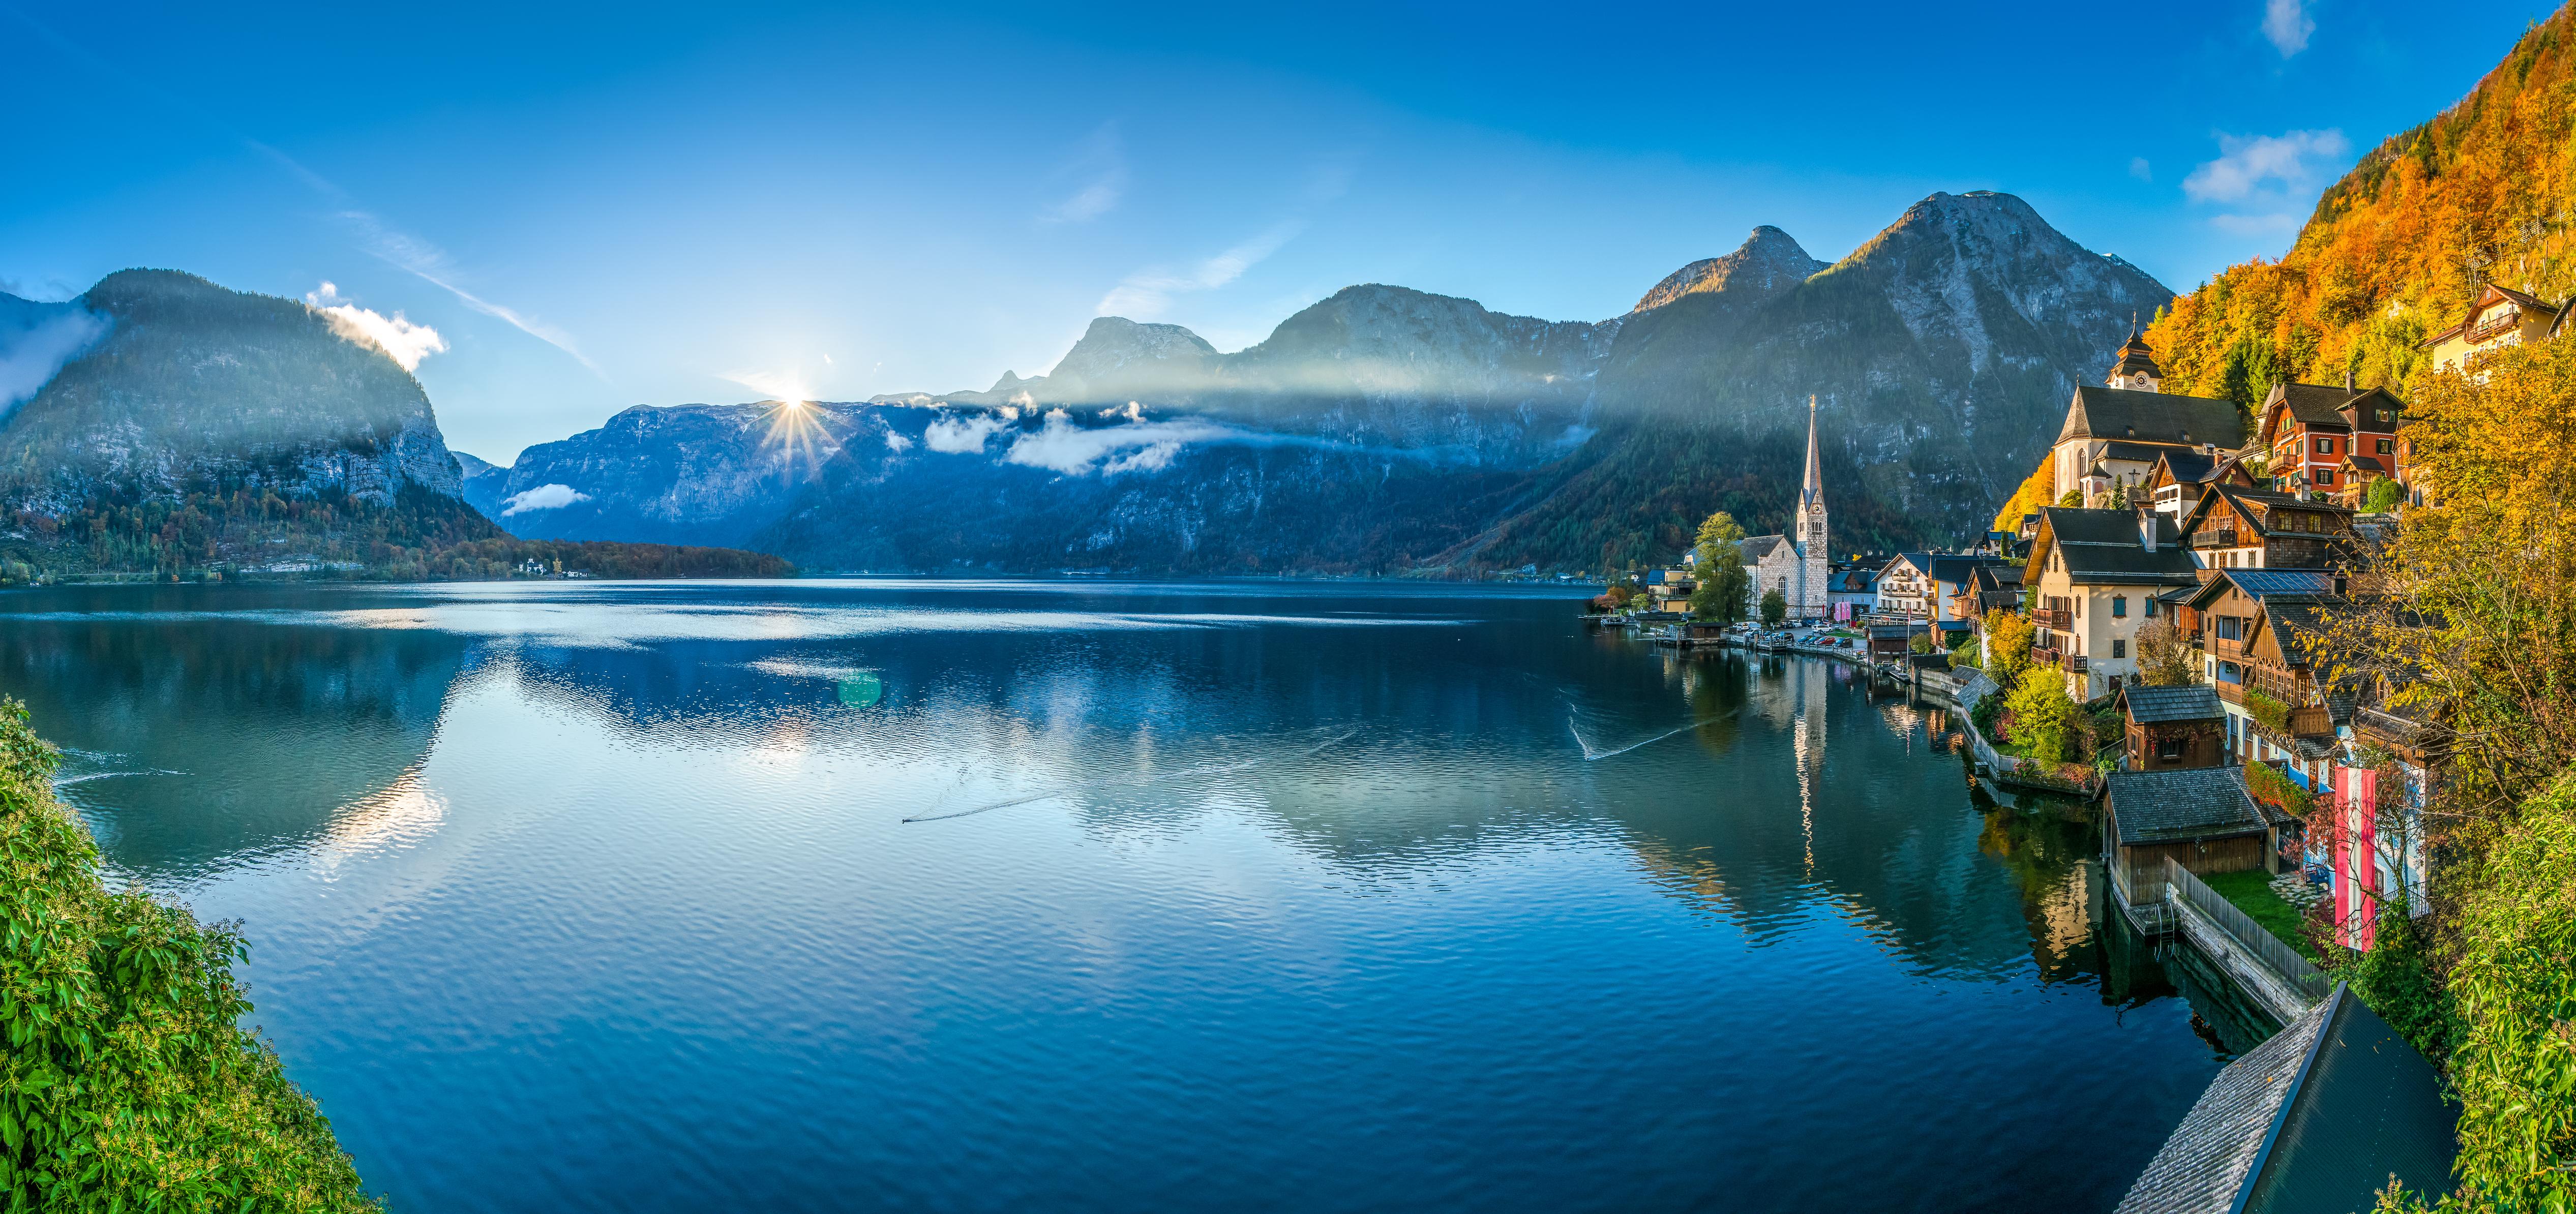 5 טיול מאורגן באוסטריה - כולל אגם כימזה, שייט וארמון לודוויג השני